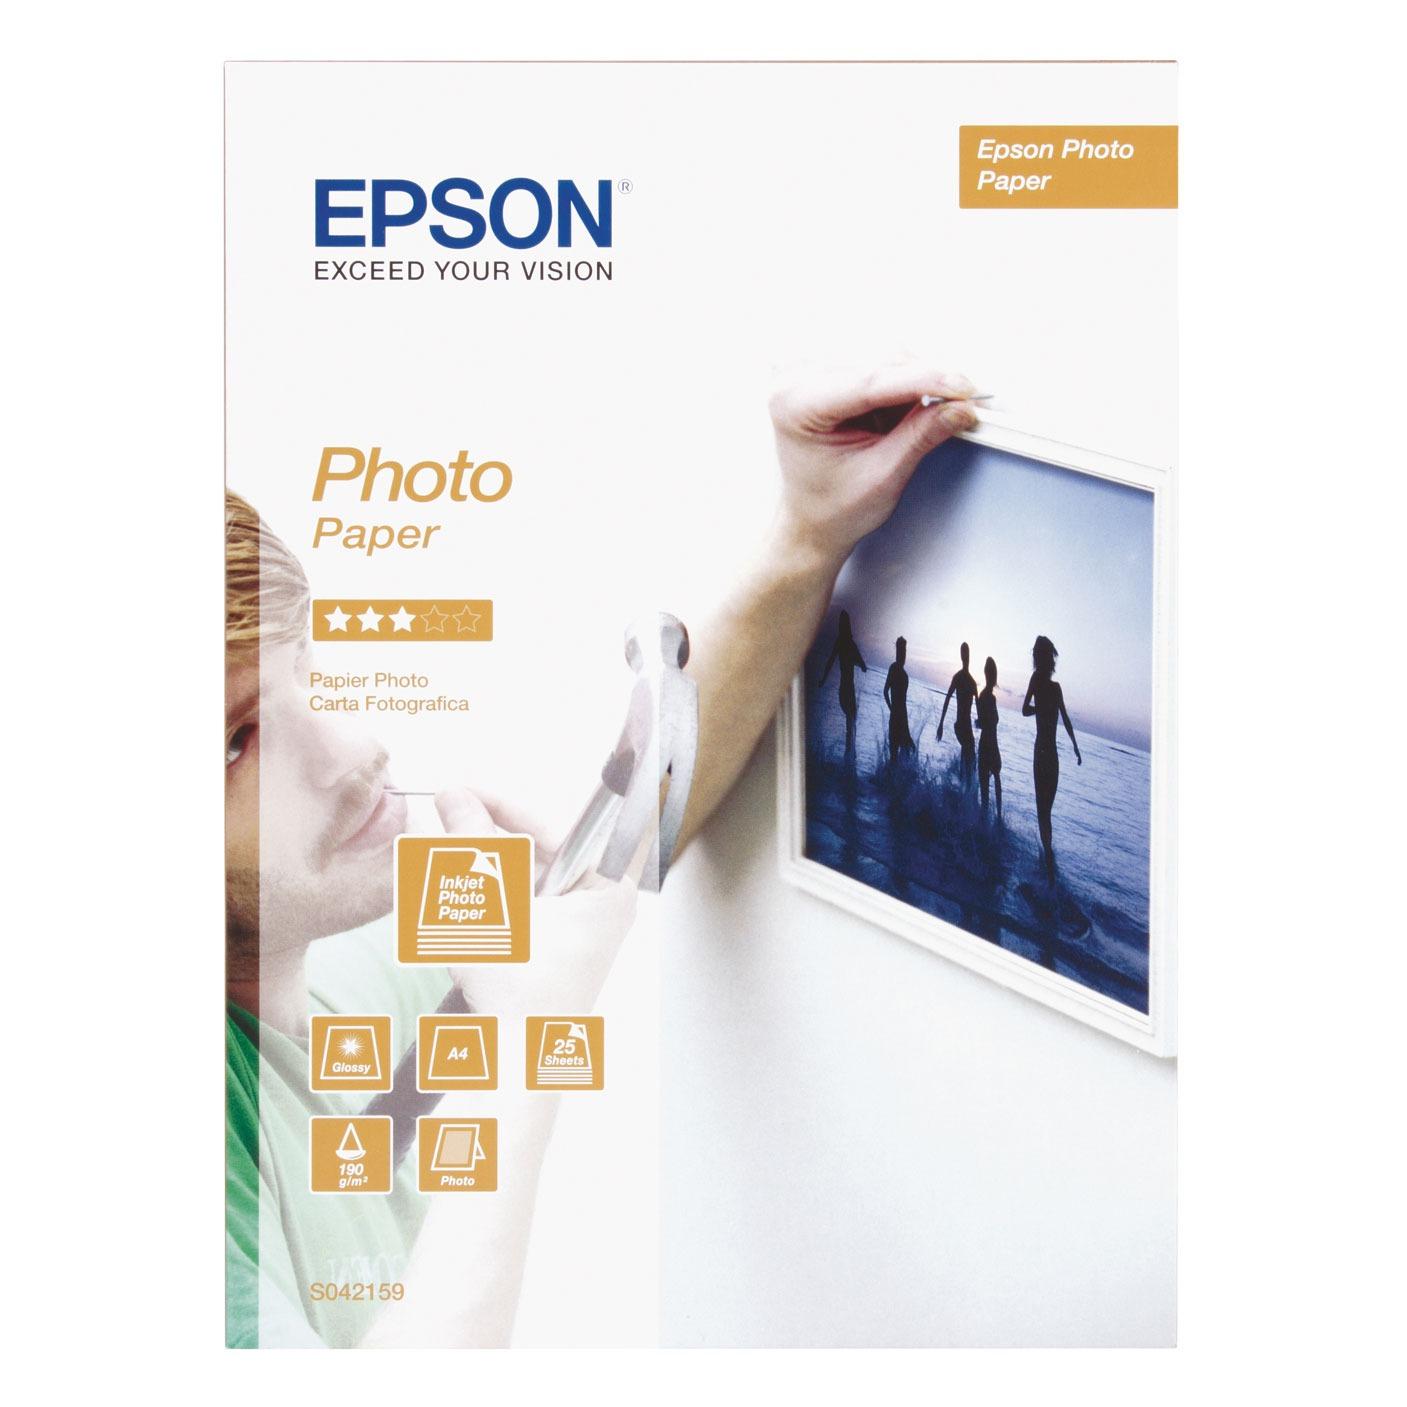 epson c13s042159 papier imprimante epson sur. Black Bedroom Furniture Sets. Home Design Ideas